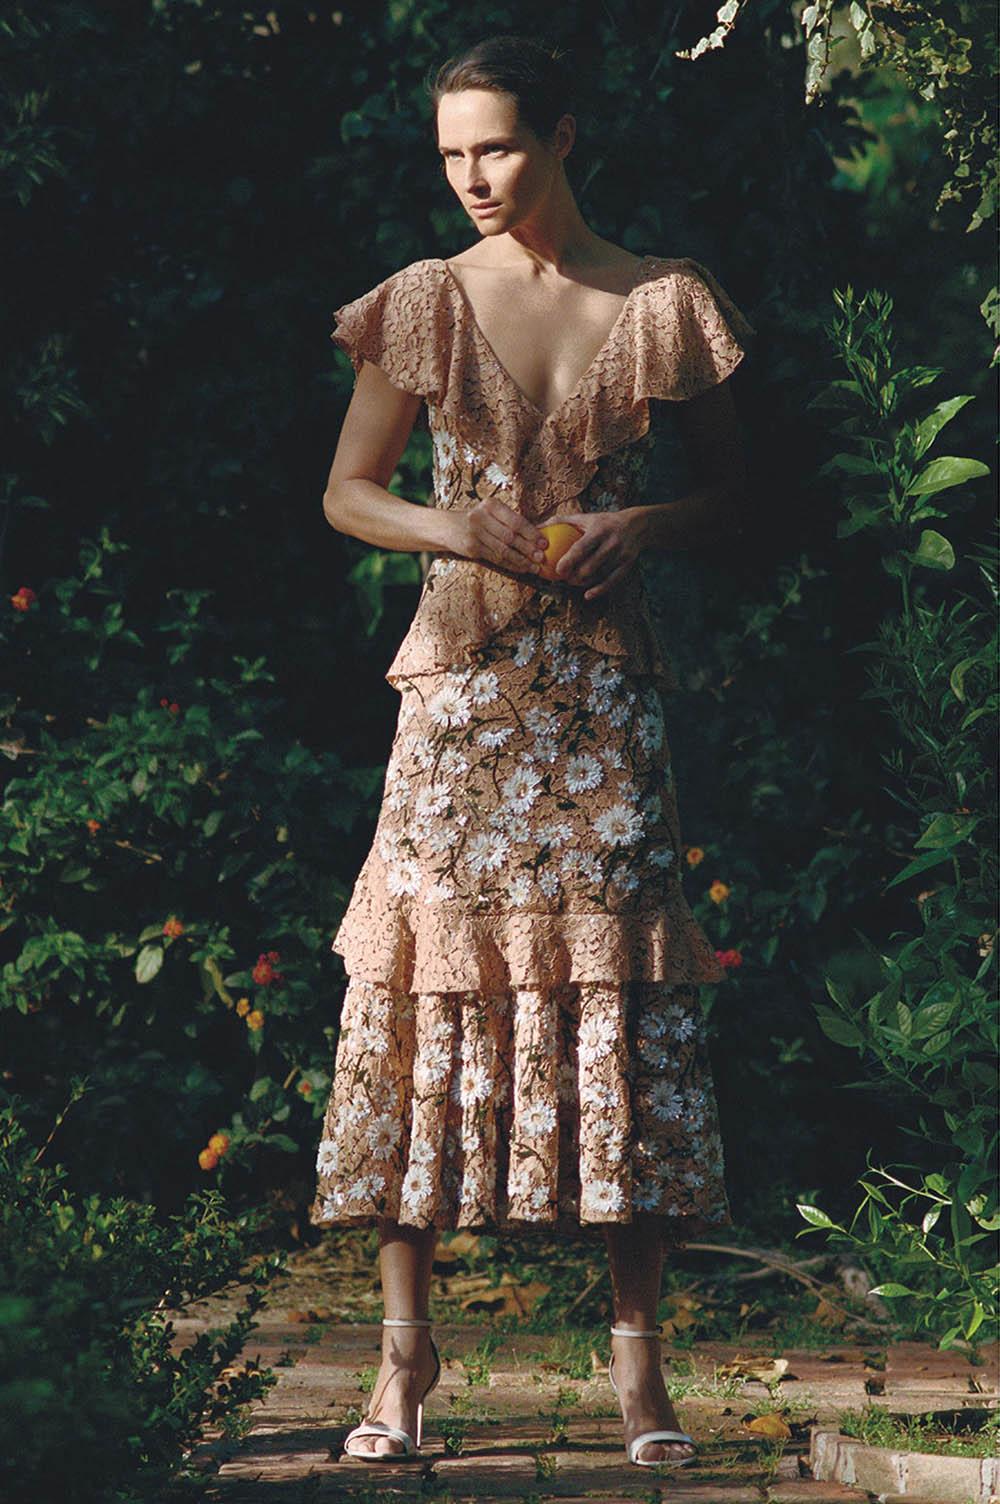 Tasha Tilberg by Jean Pierrot for Porter Magazine Summer Escape 2019